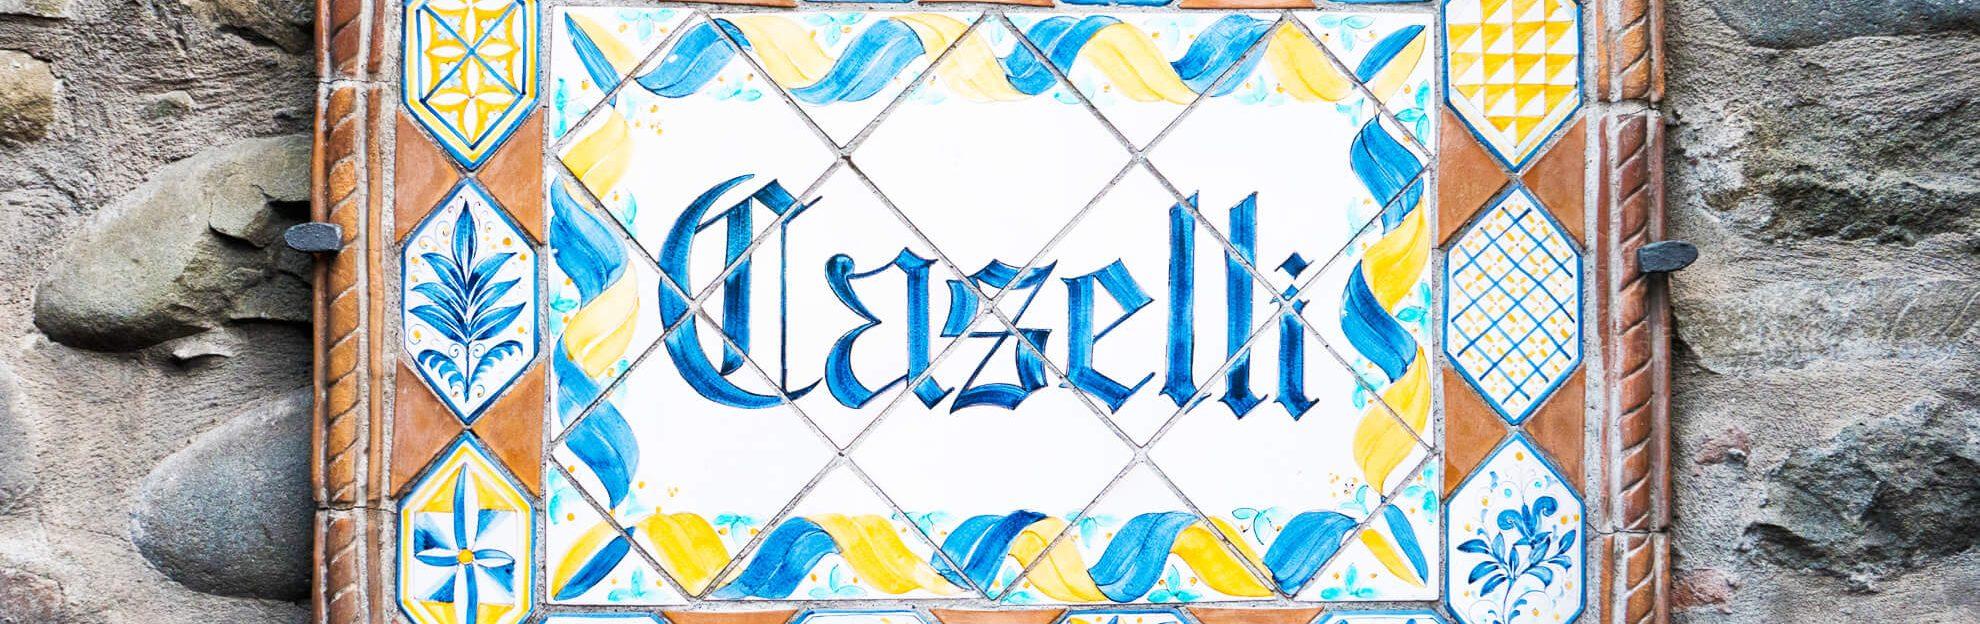 Caselli_azienda